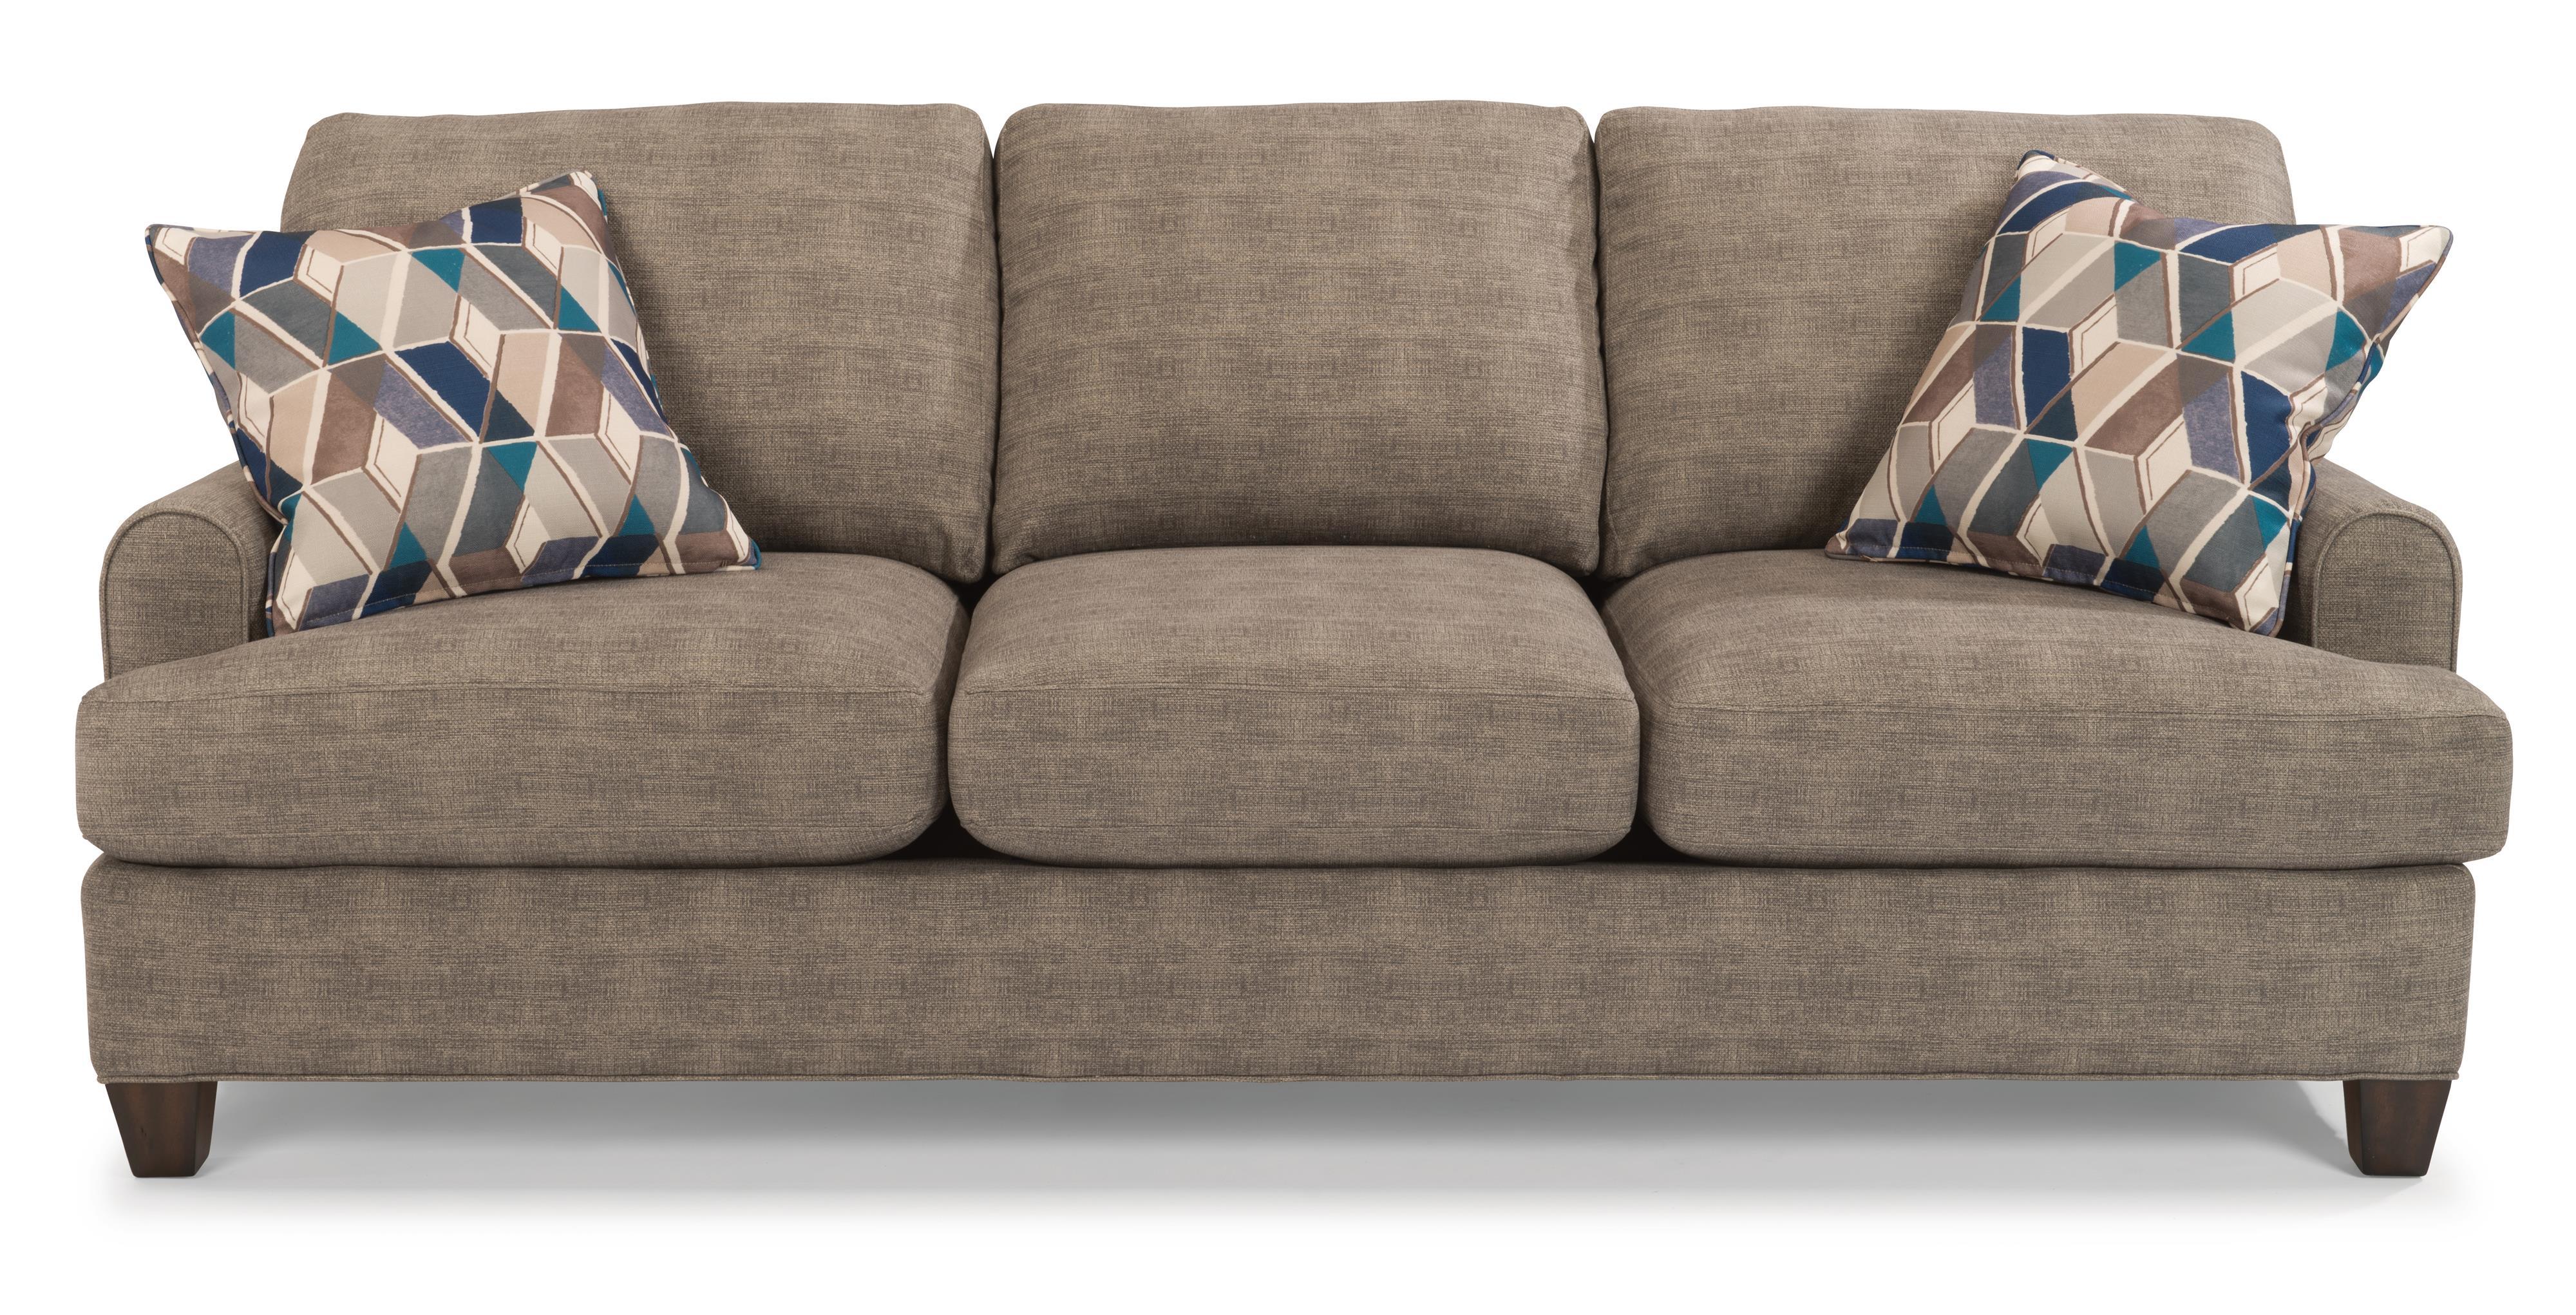 Flexsteel Donatello 5685 Sofa - Item Number: 5685-31-120-01